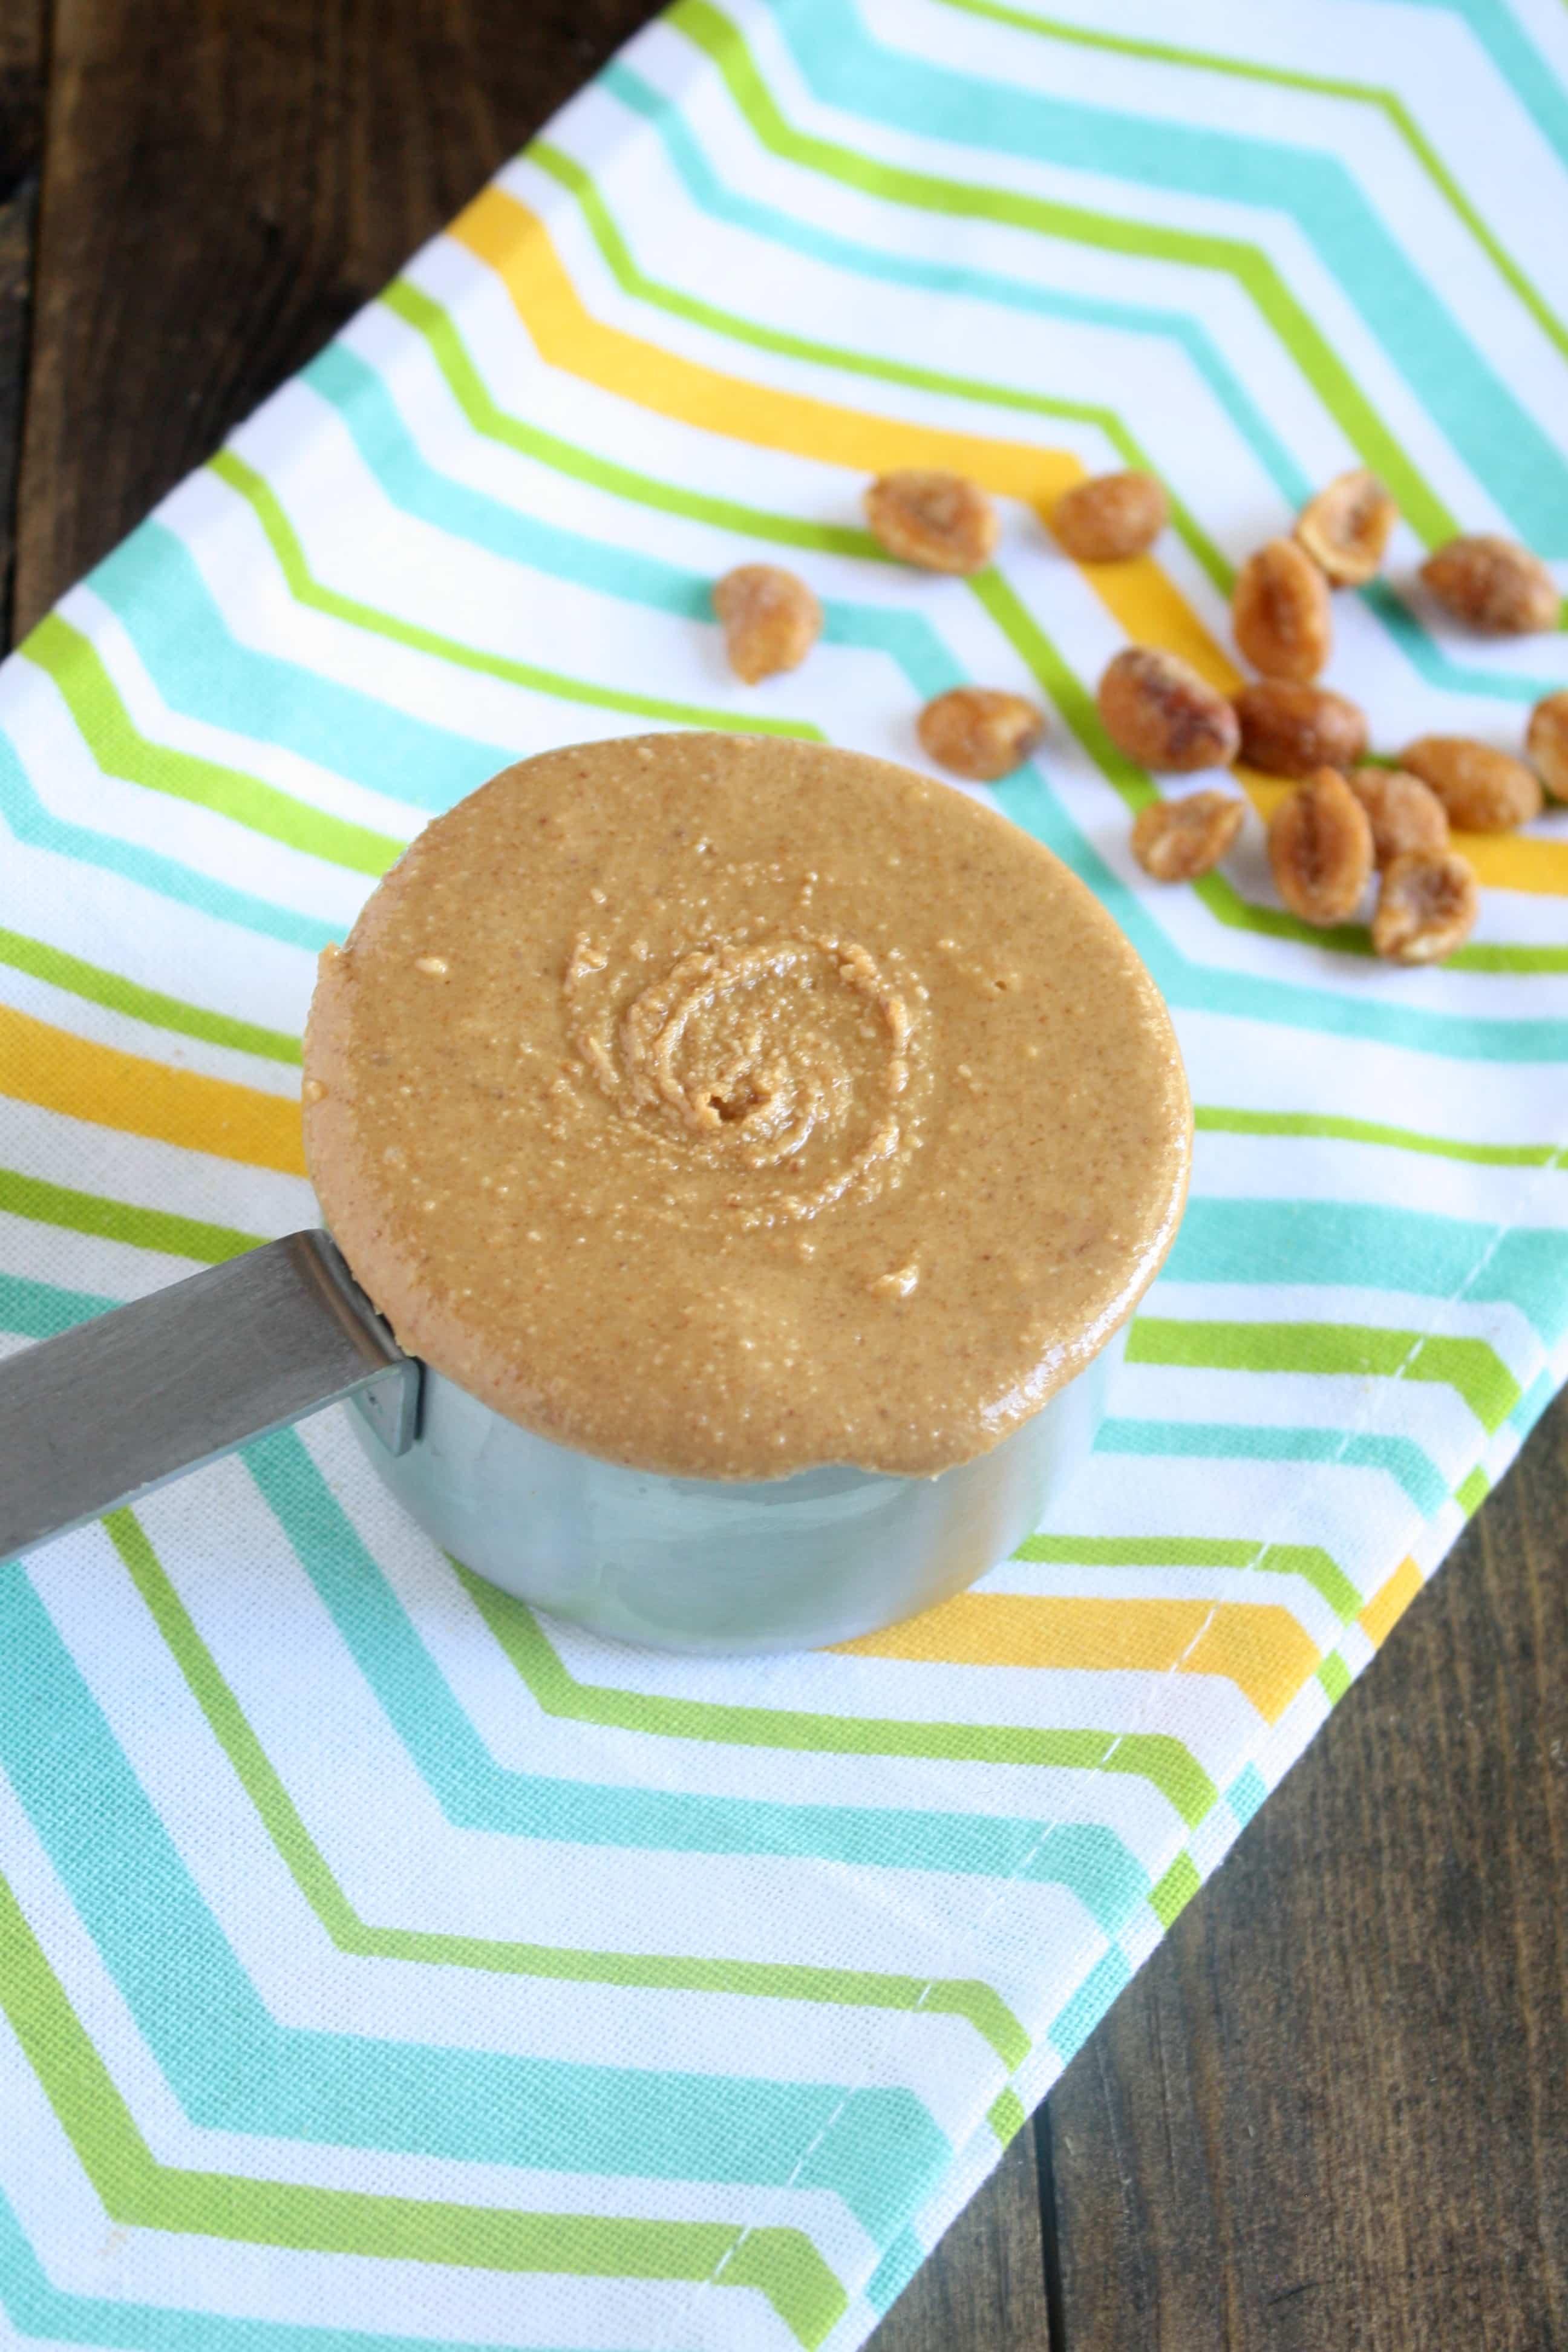 Homemade Honey Roasted Peanut Butter - Live Well Bake Often